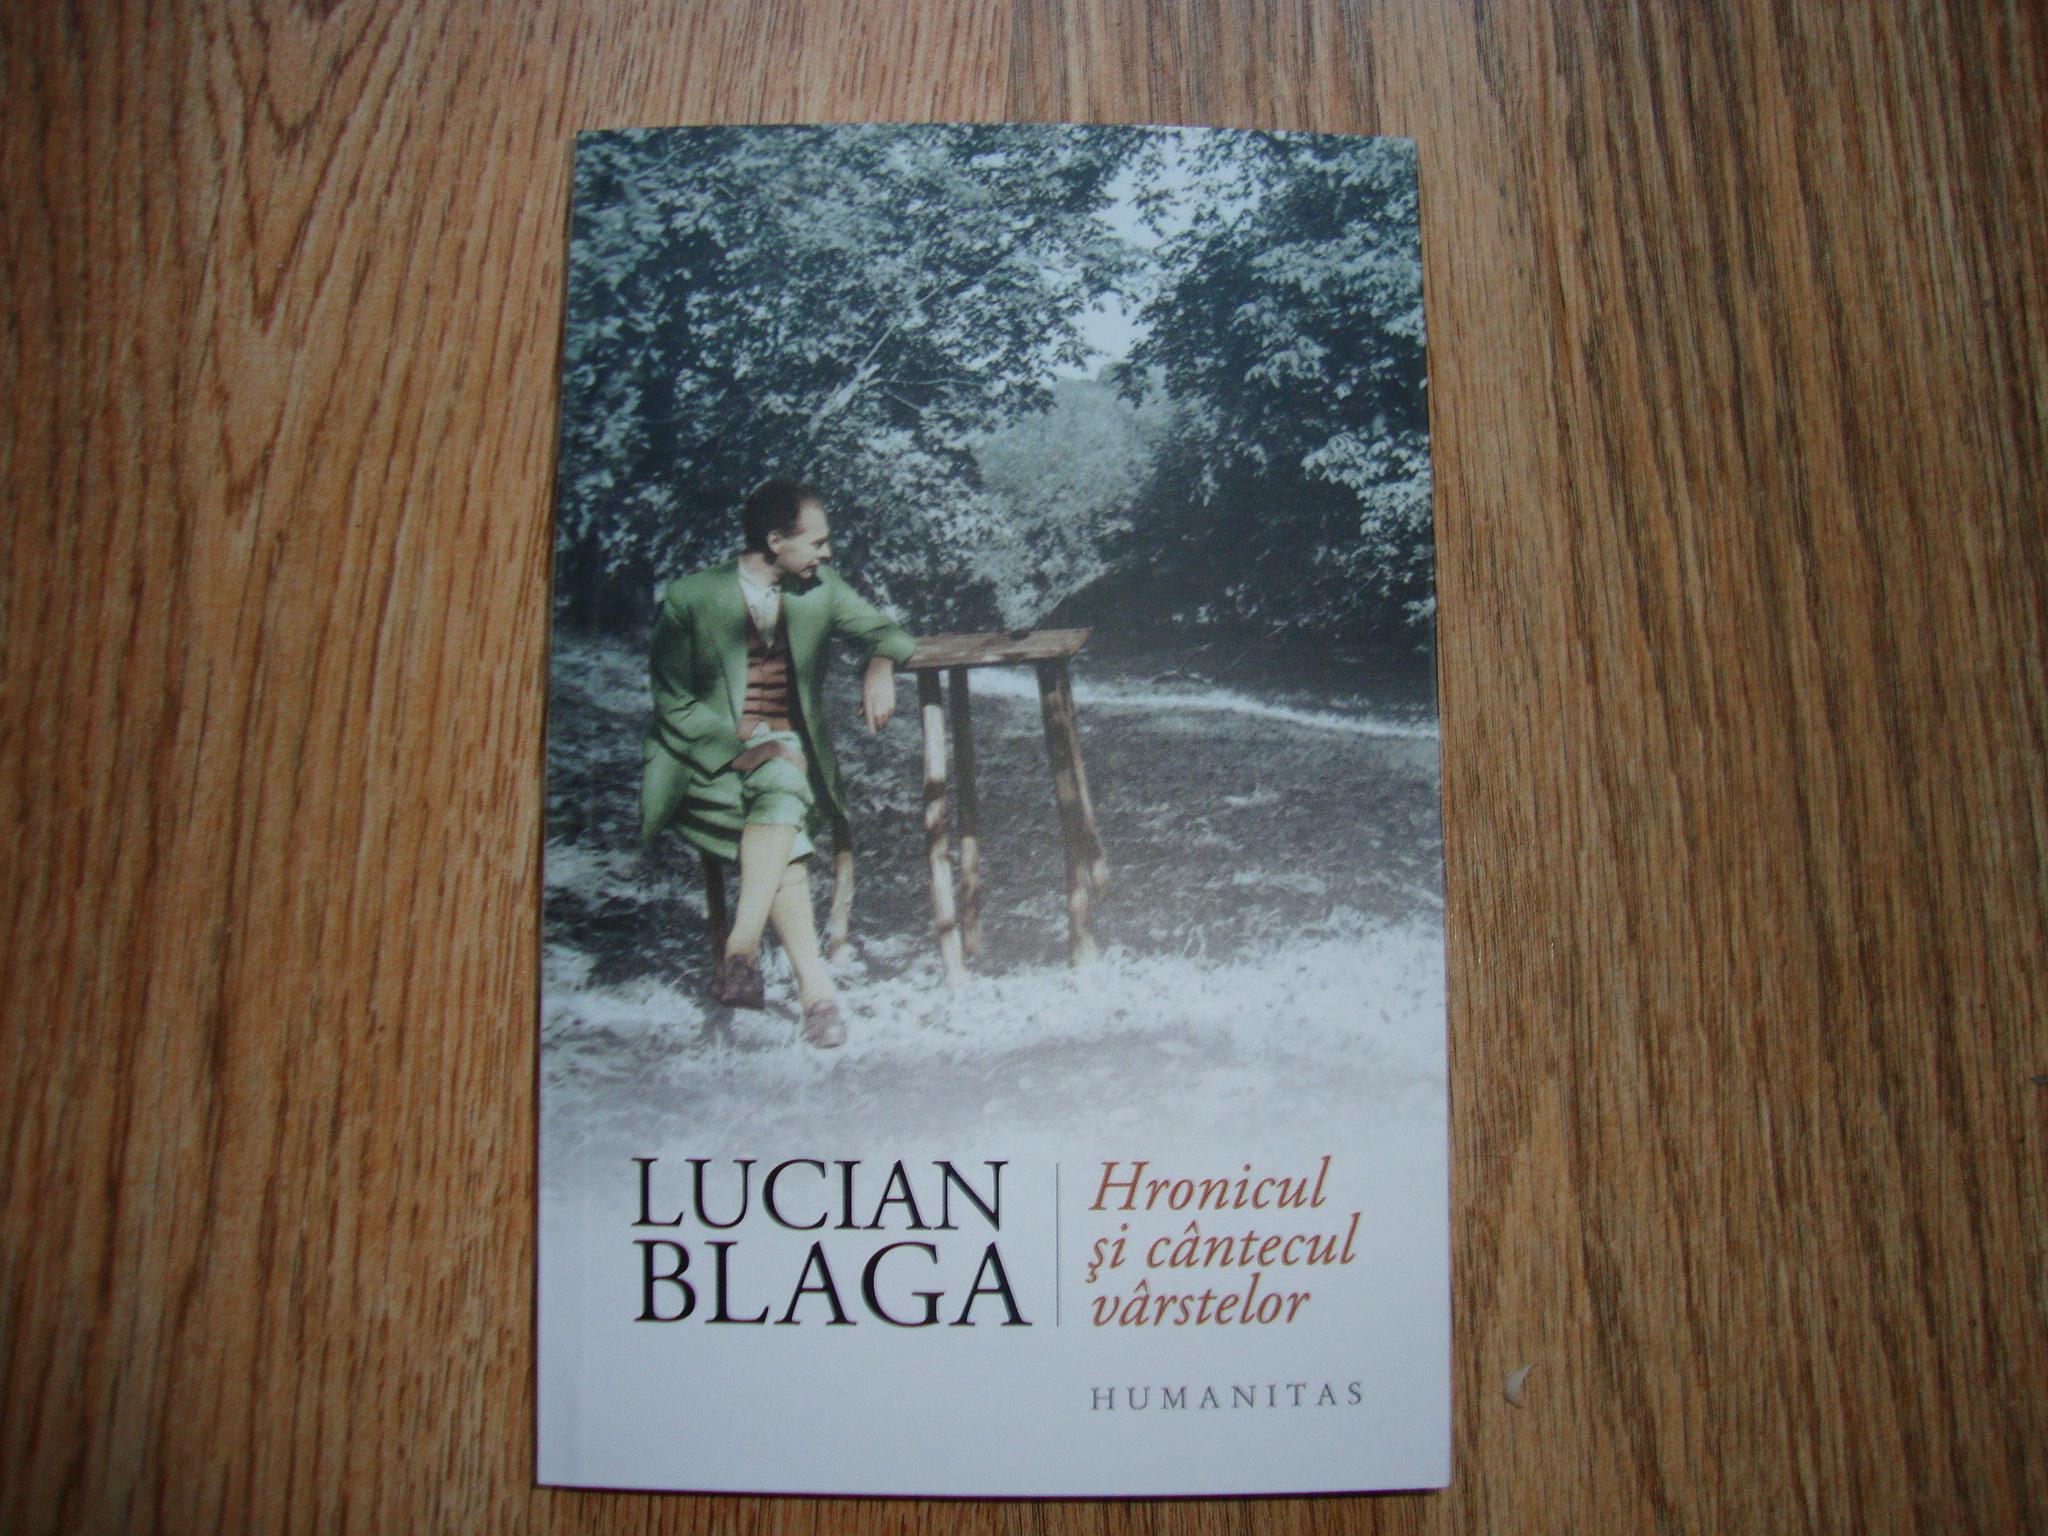 carte blindate_lucian blaga_hronicul si cantecul varstelor